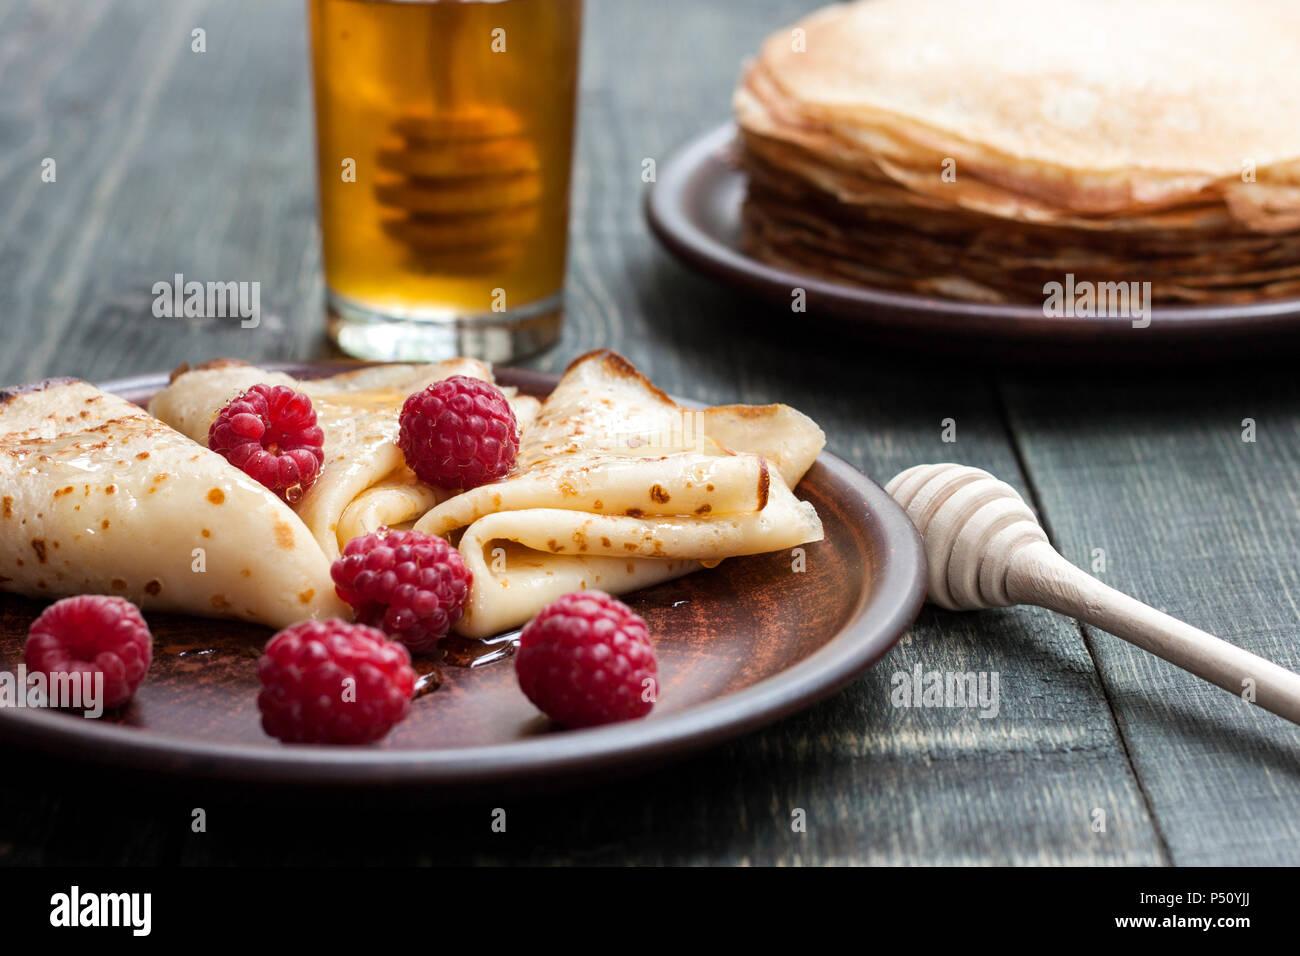 Des crêpes au miel et de fruits Photo Stock